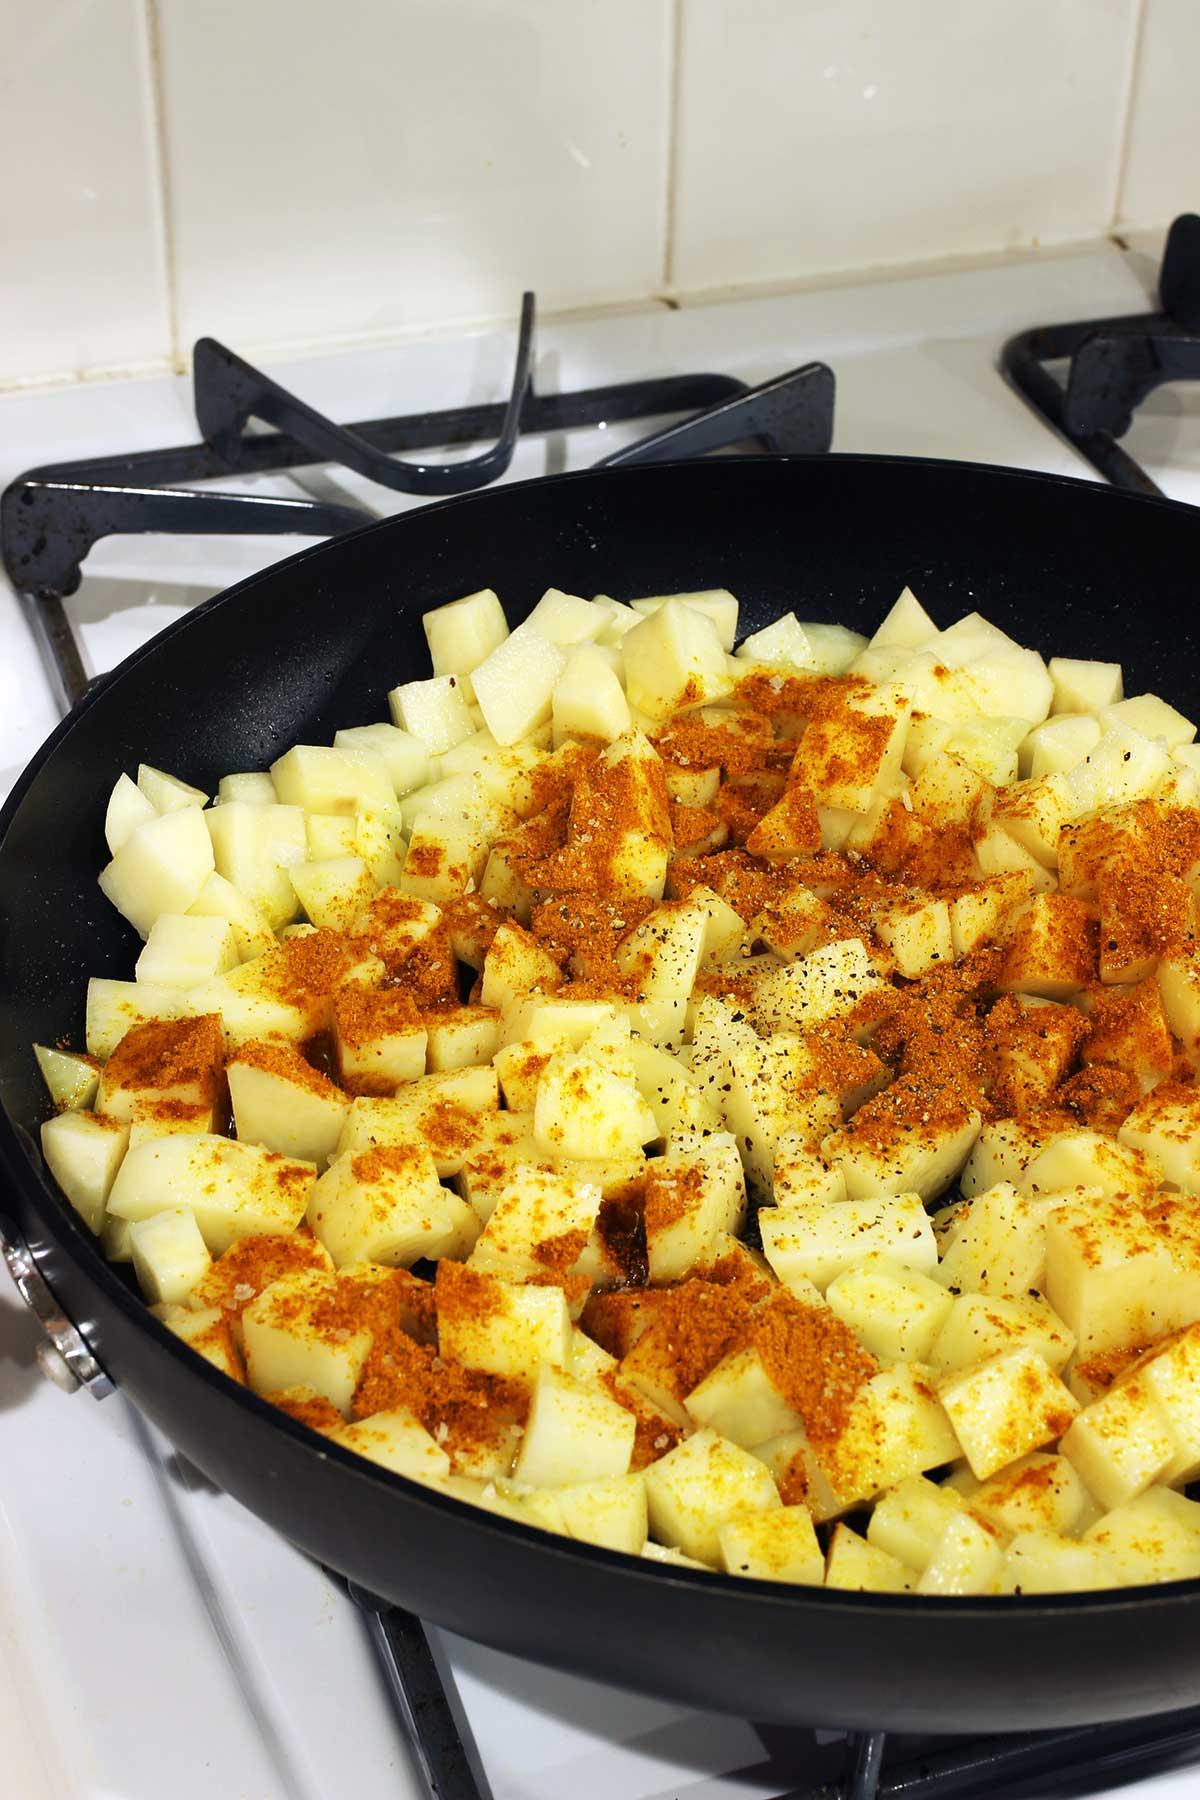 potatoes in skillet with seasonings